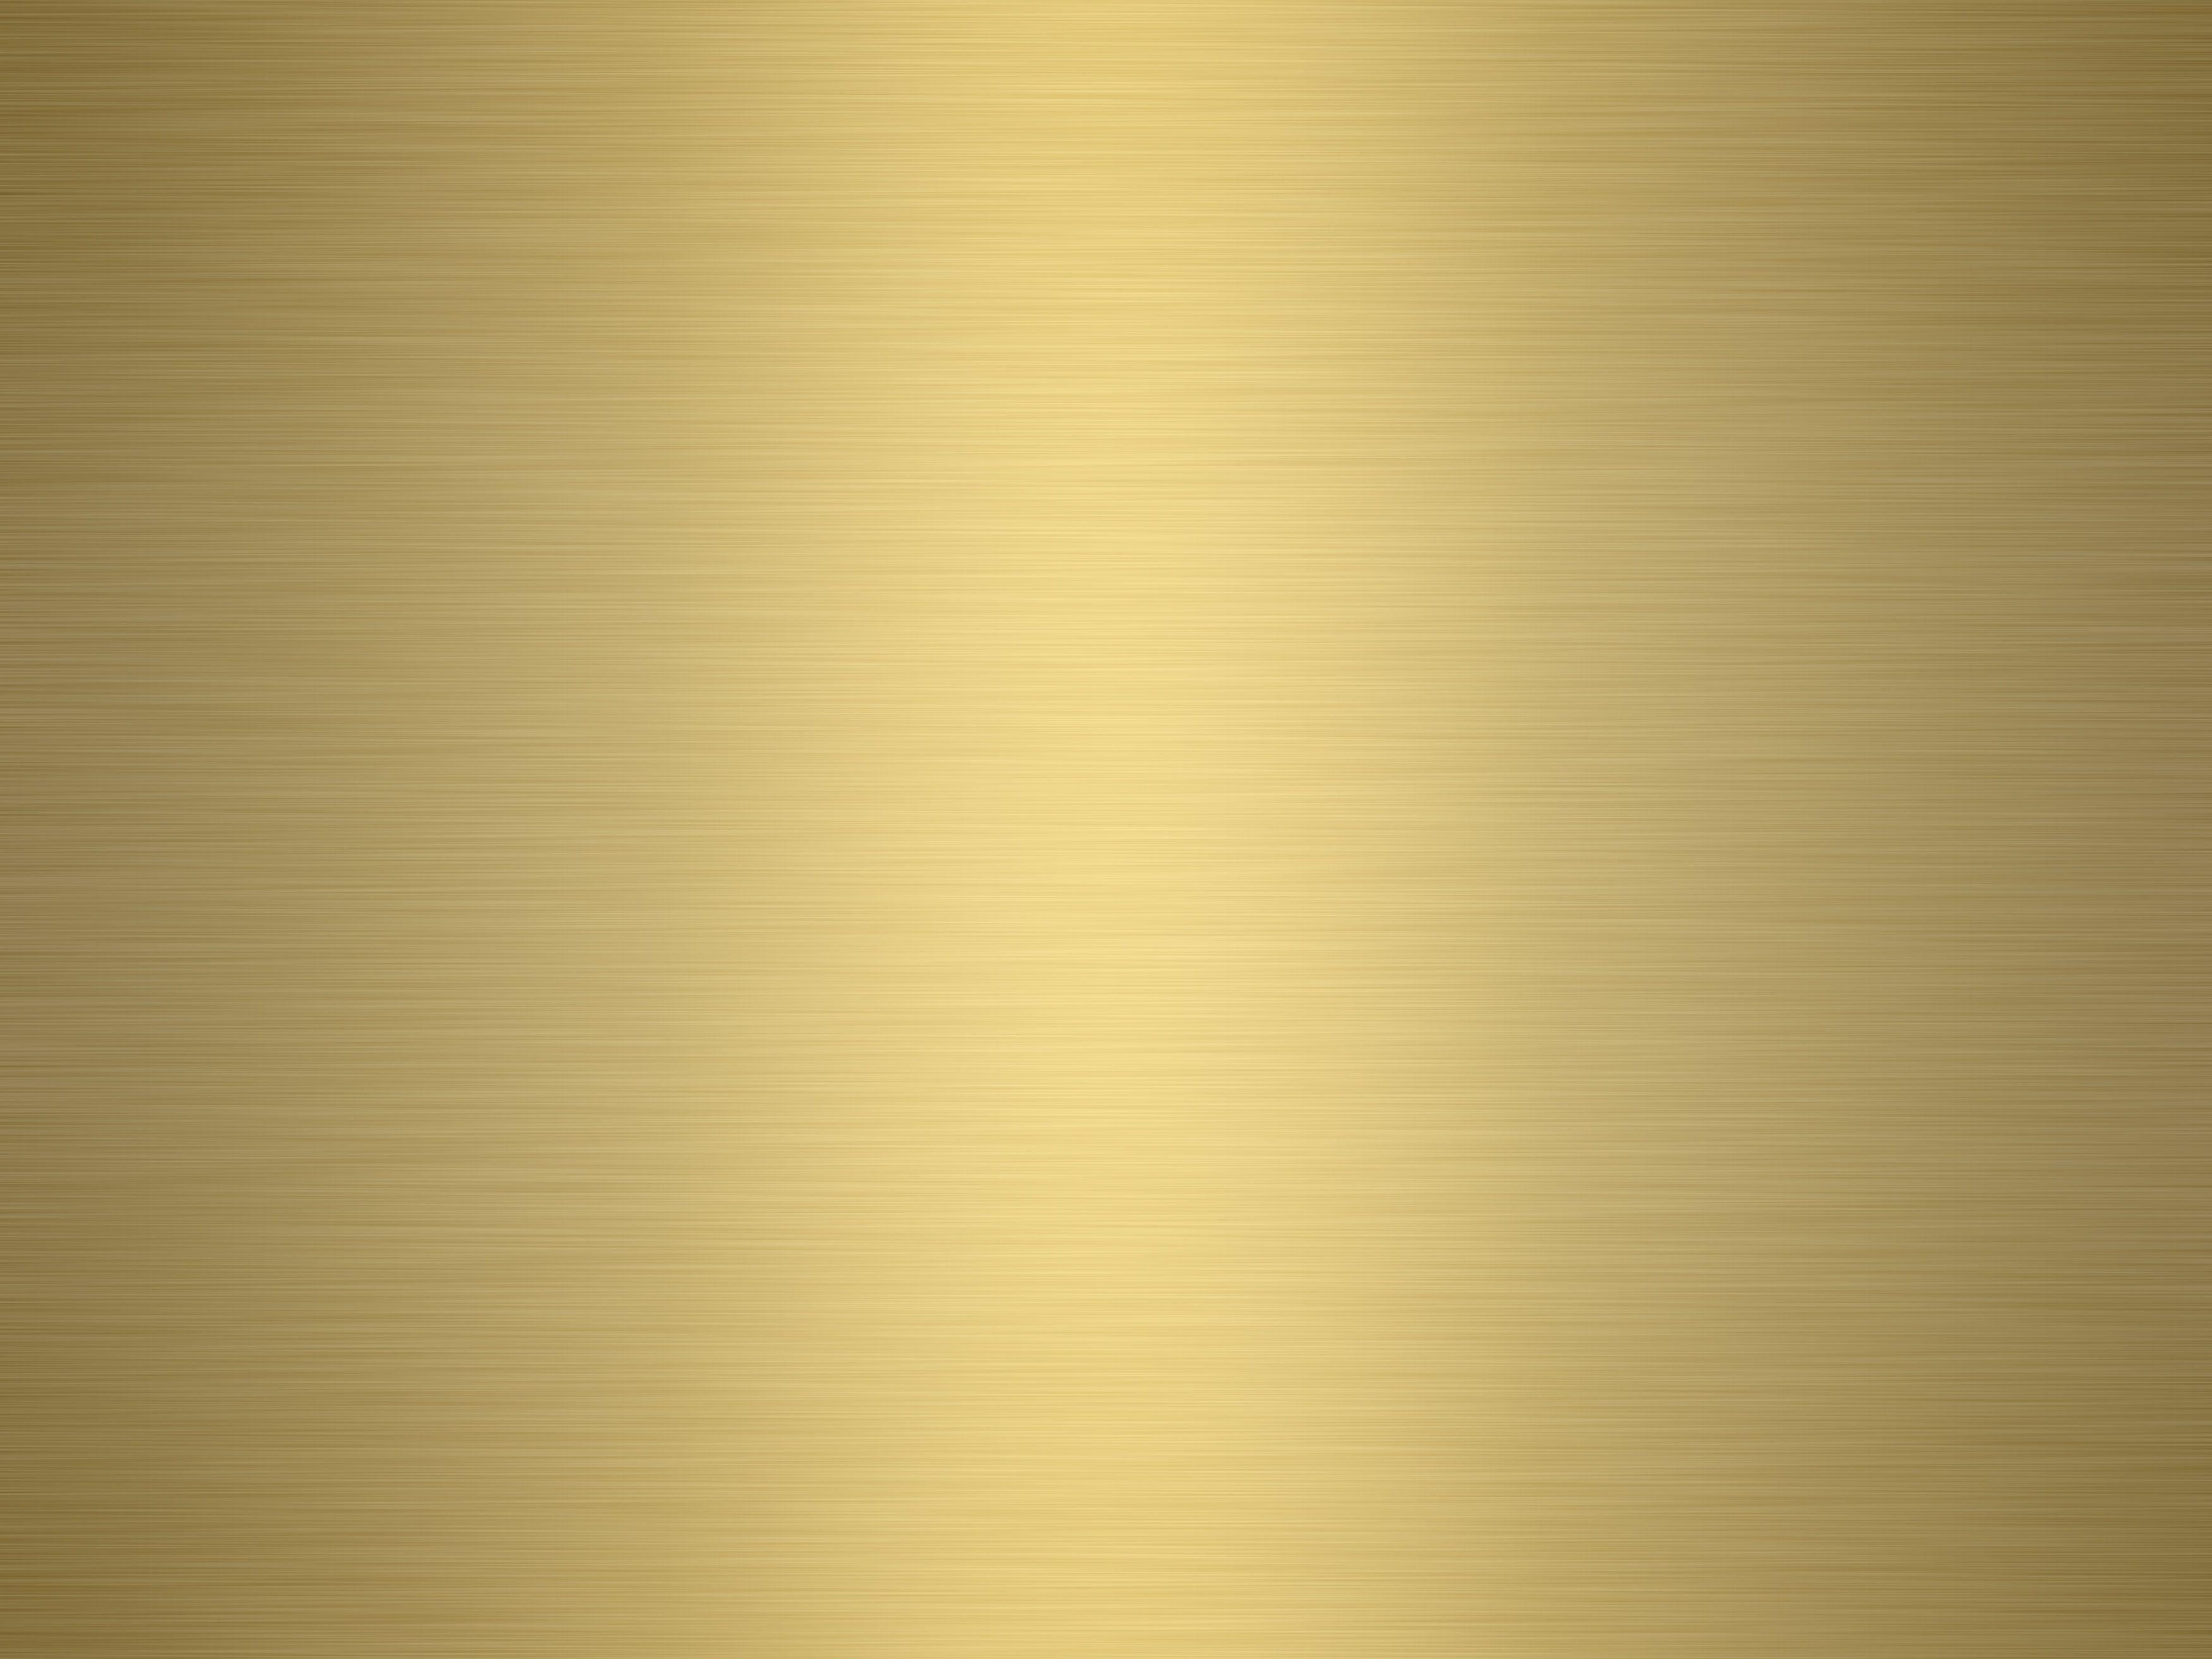 Shylock - brushedgold3.jpg 3,500×2,625 pixels ...